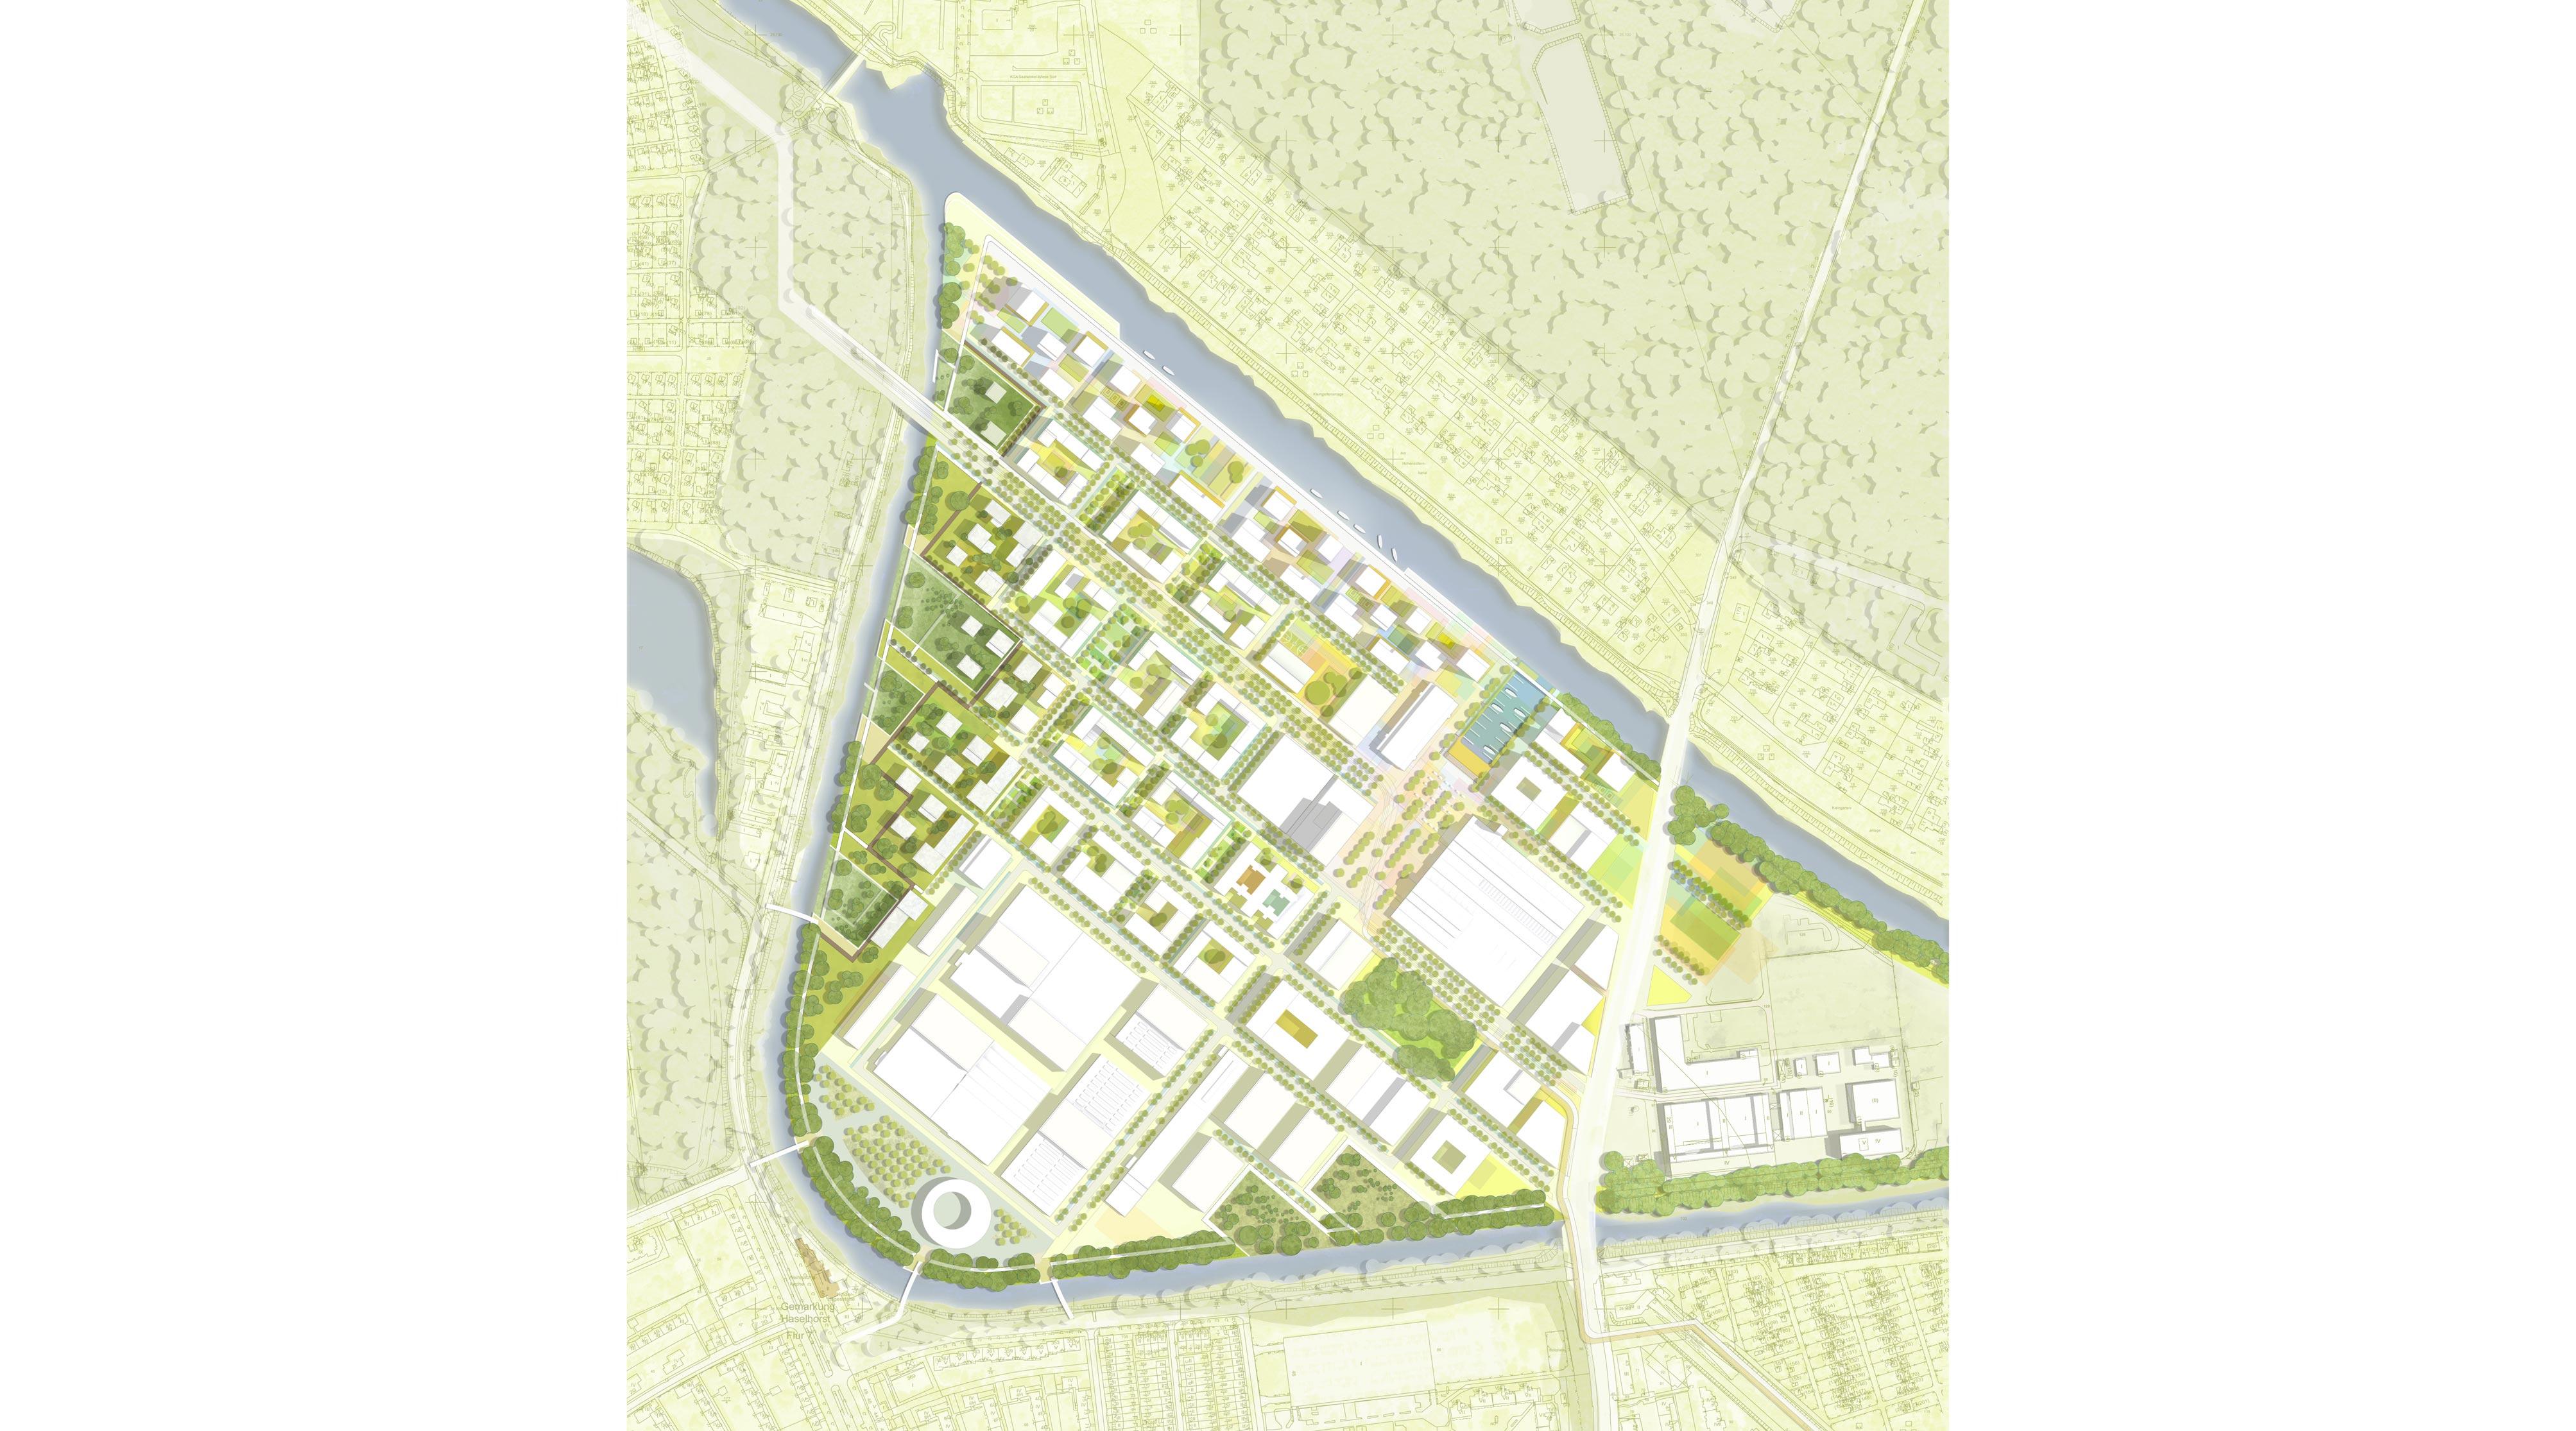 Das neue Gartenfeld Berlin Spandau Lageplan